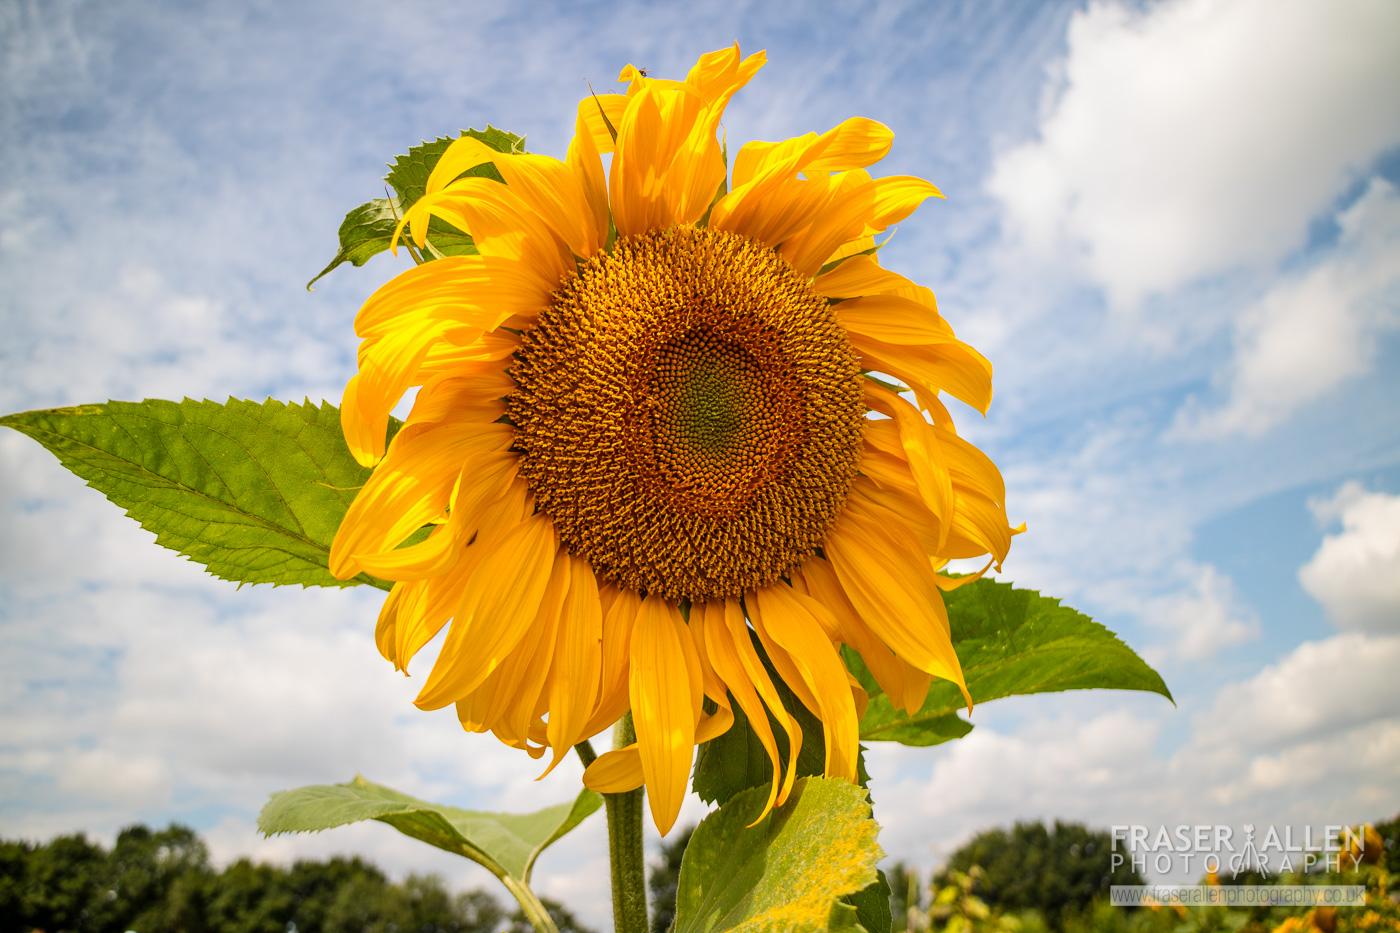 Sissinghurst sunflower